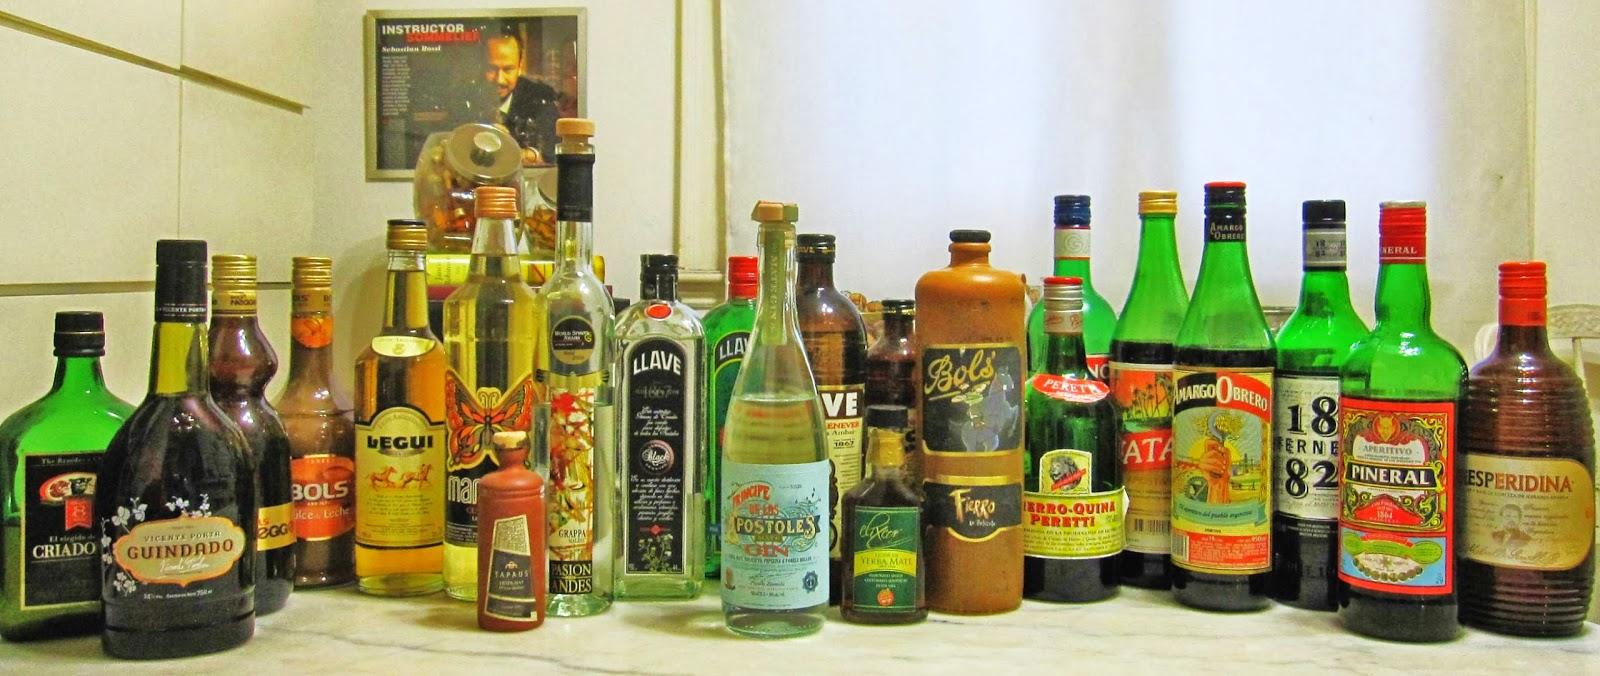 3a3bba291c60e 150 Años de Historia Destilada en Argentina